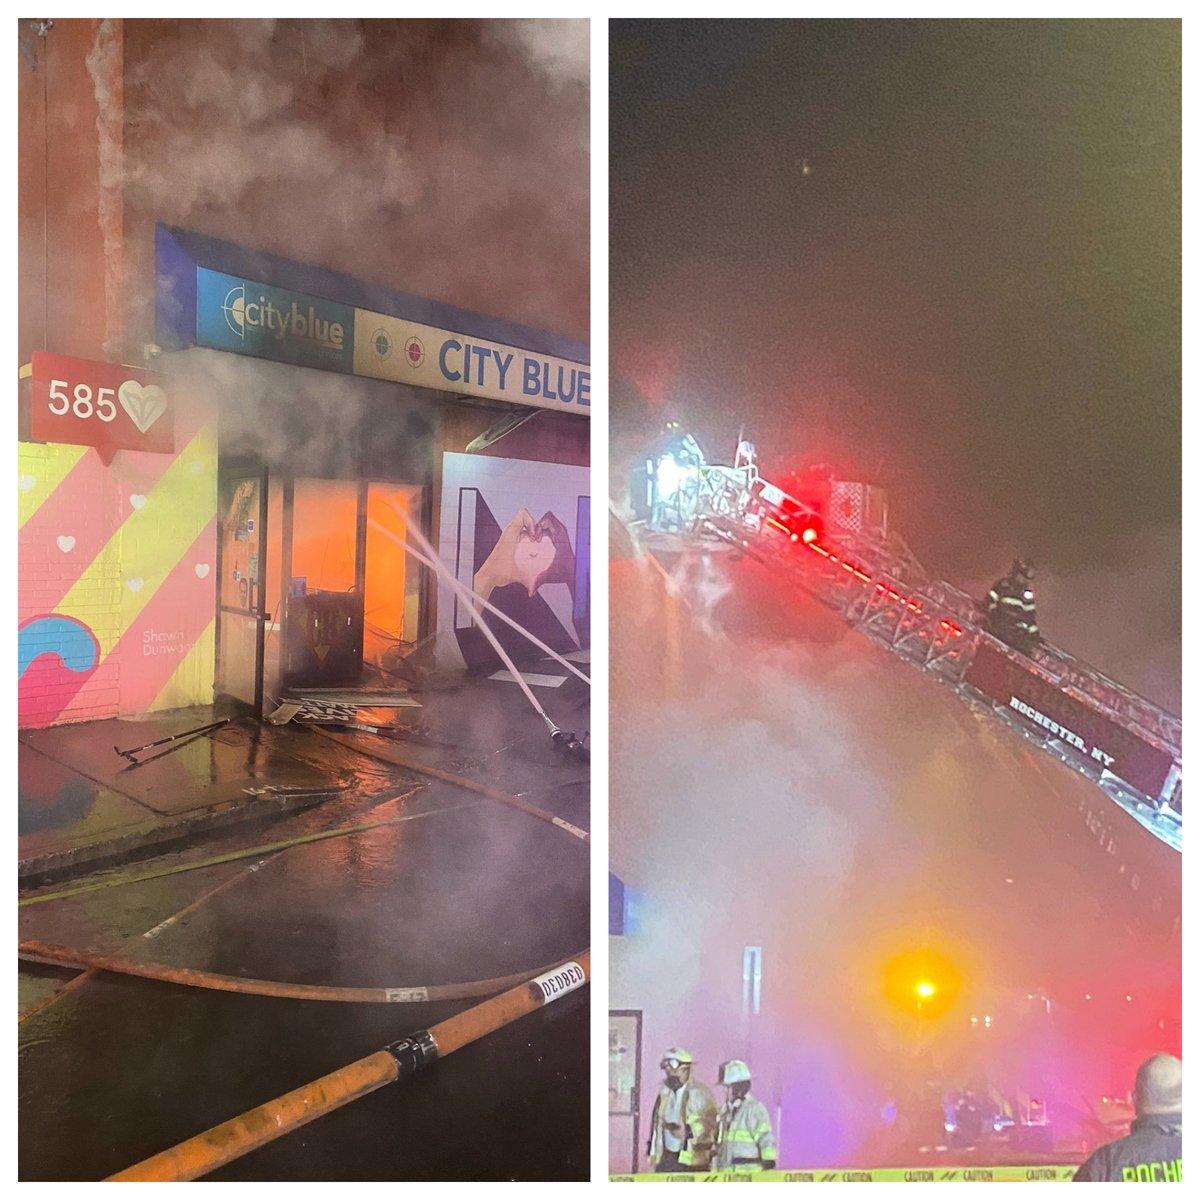 12月24日平安夜午夜,位於紐約上州羅切斯特市的一個印刷廠大火,把所有東西燒成灰燼,甚麼都沒有剩下。(羅切斯特消防局)